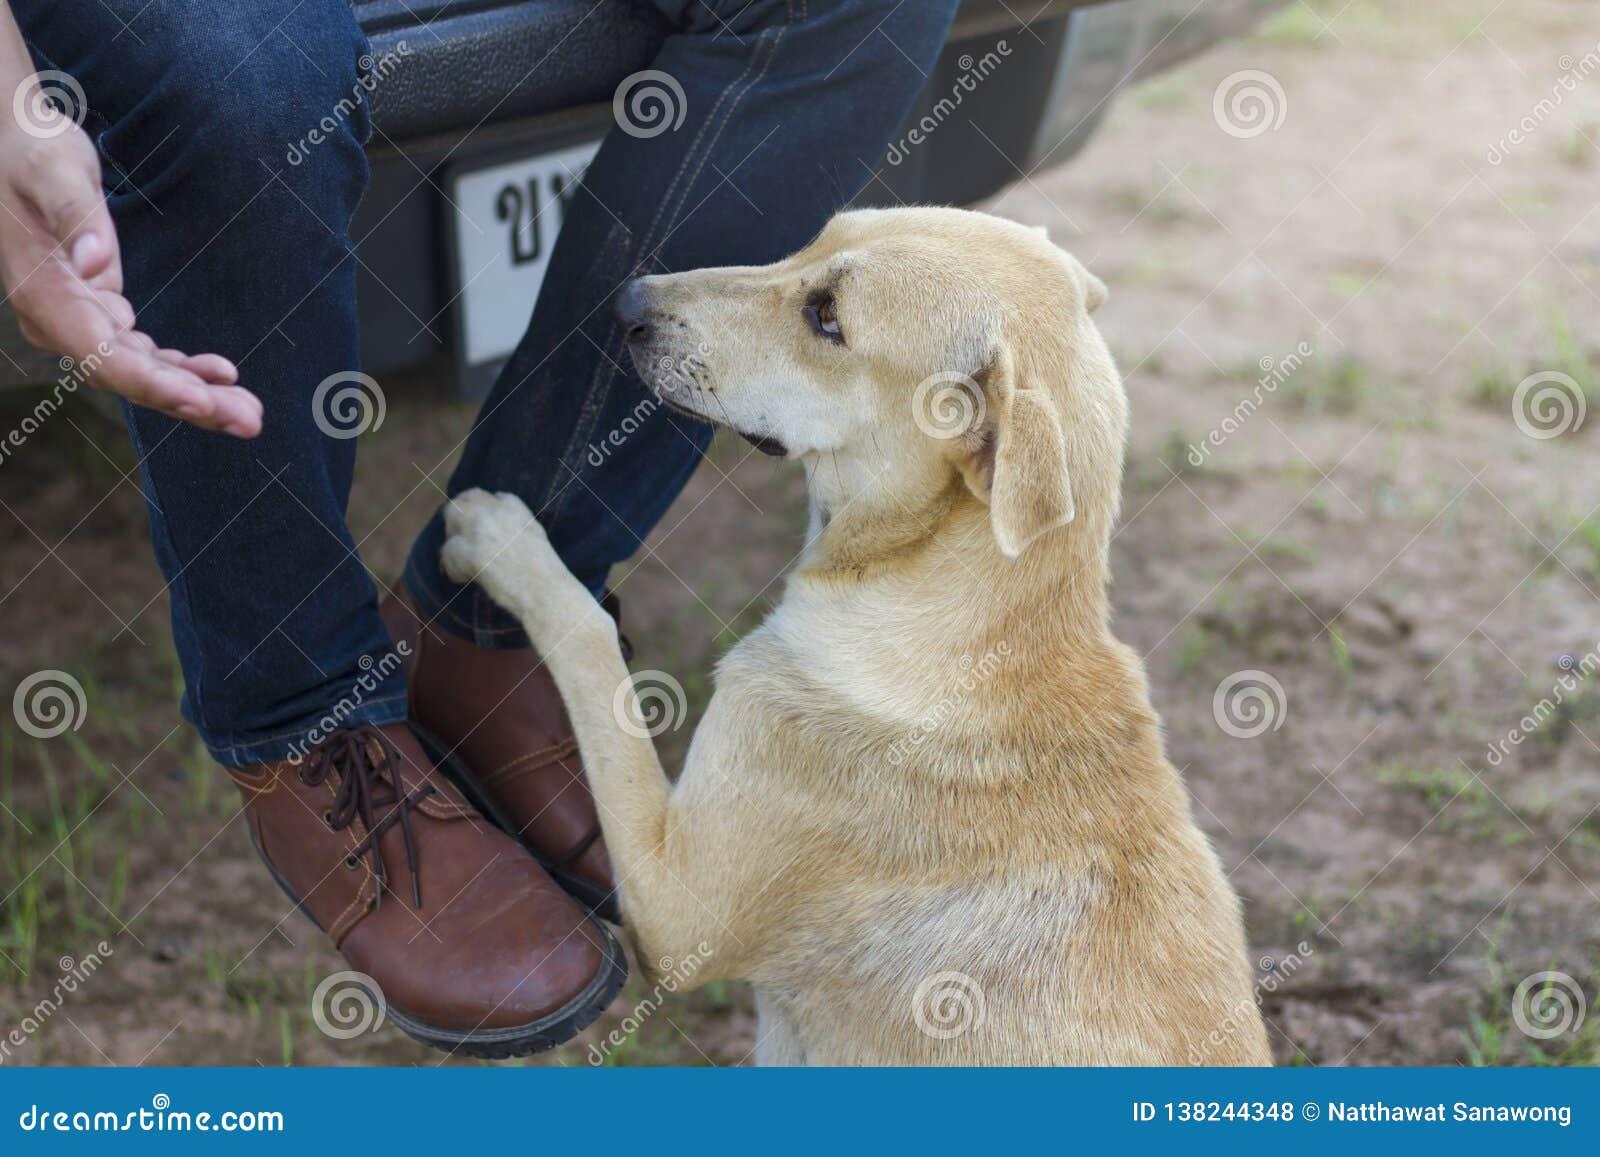 Il cane sta raggiungendo affinchè i suoi piedi tocchi i suoi piedi